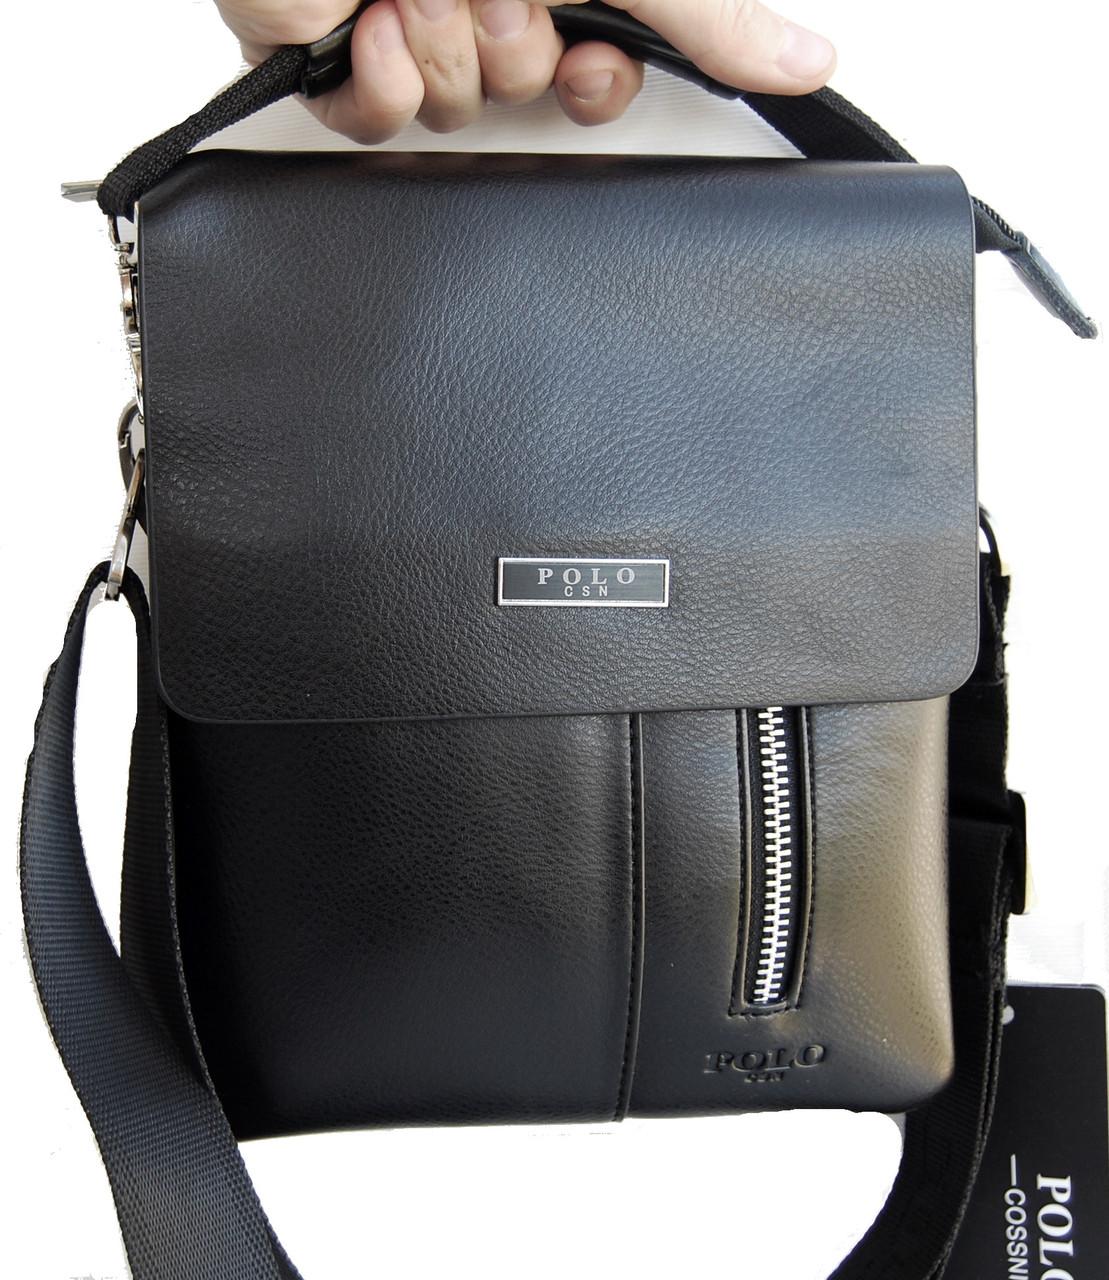 891b14c98e9d Небольшая мужская сумка - планшет Polo с ручкой. Небольшая сумка. Размер  22*17